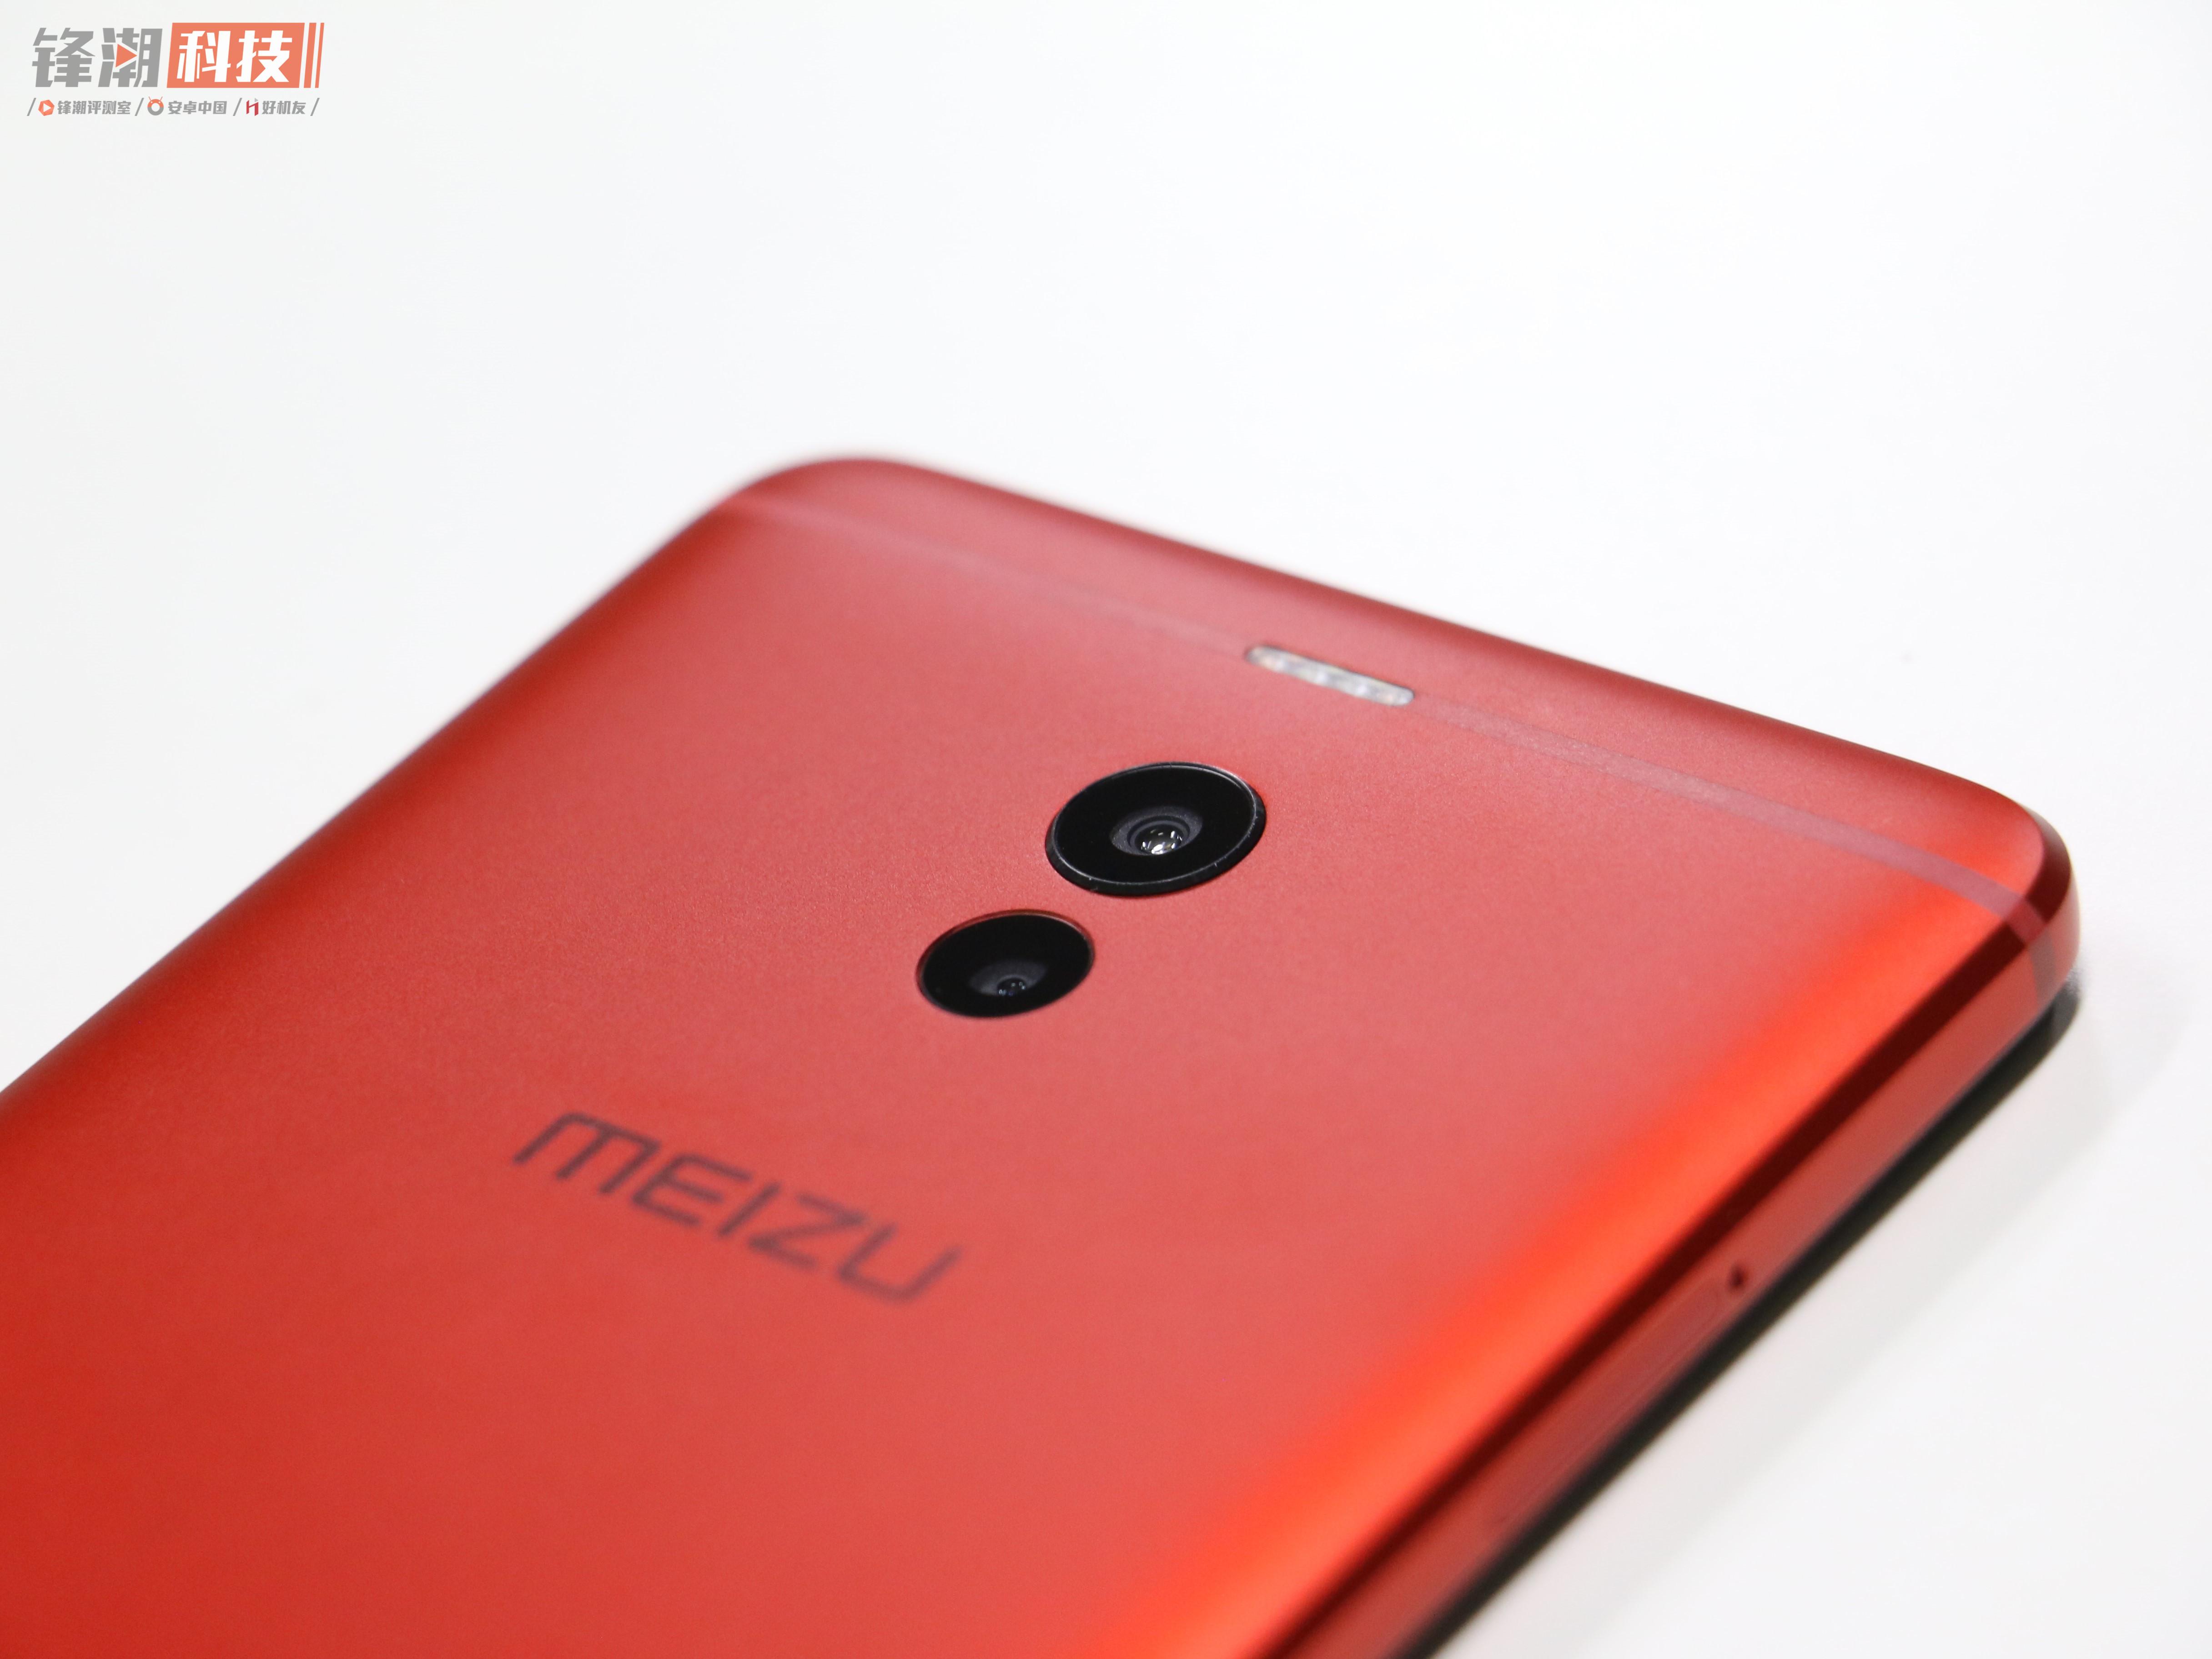 【力皮西】一袭红衣的千元丽人:魅蓝Note 6猩焰红 真机图赏